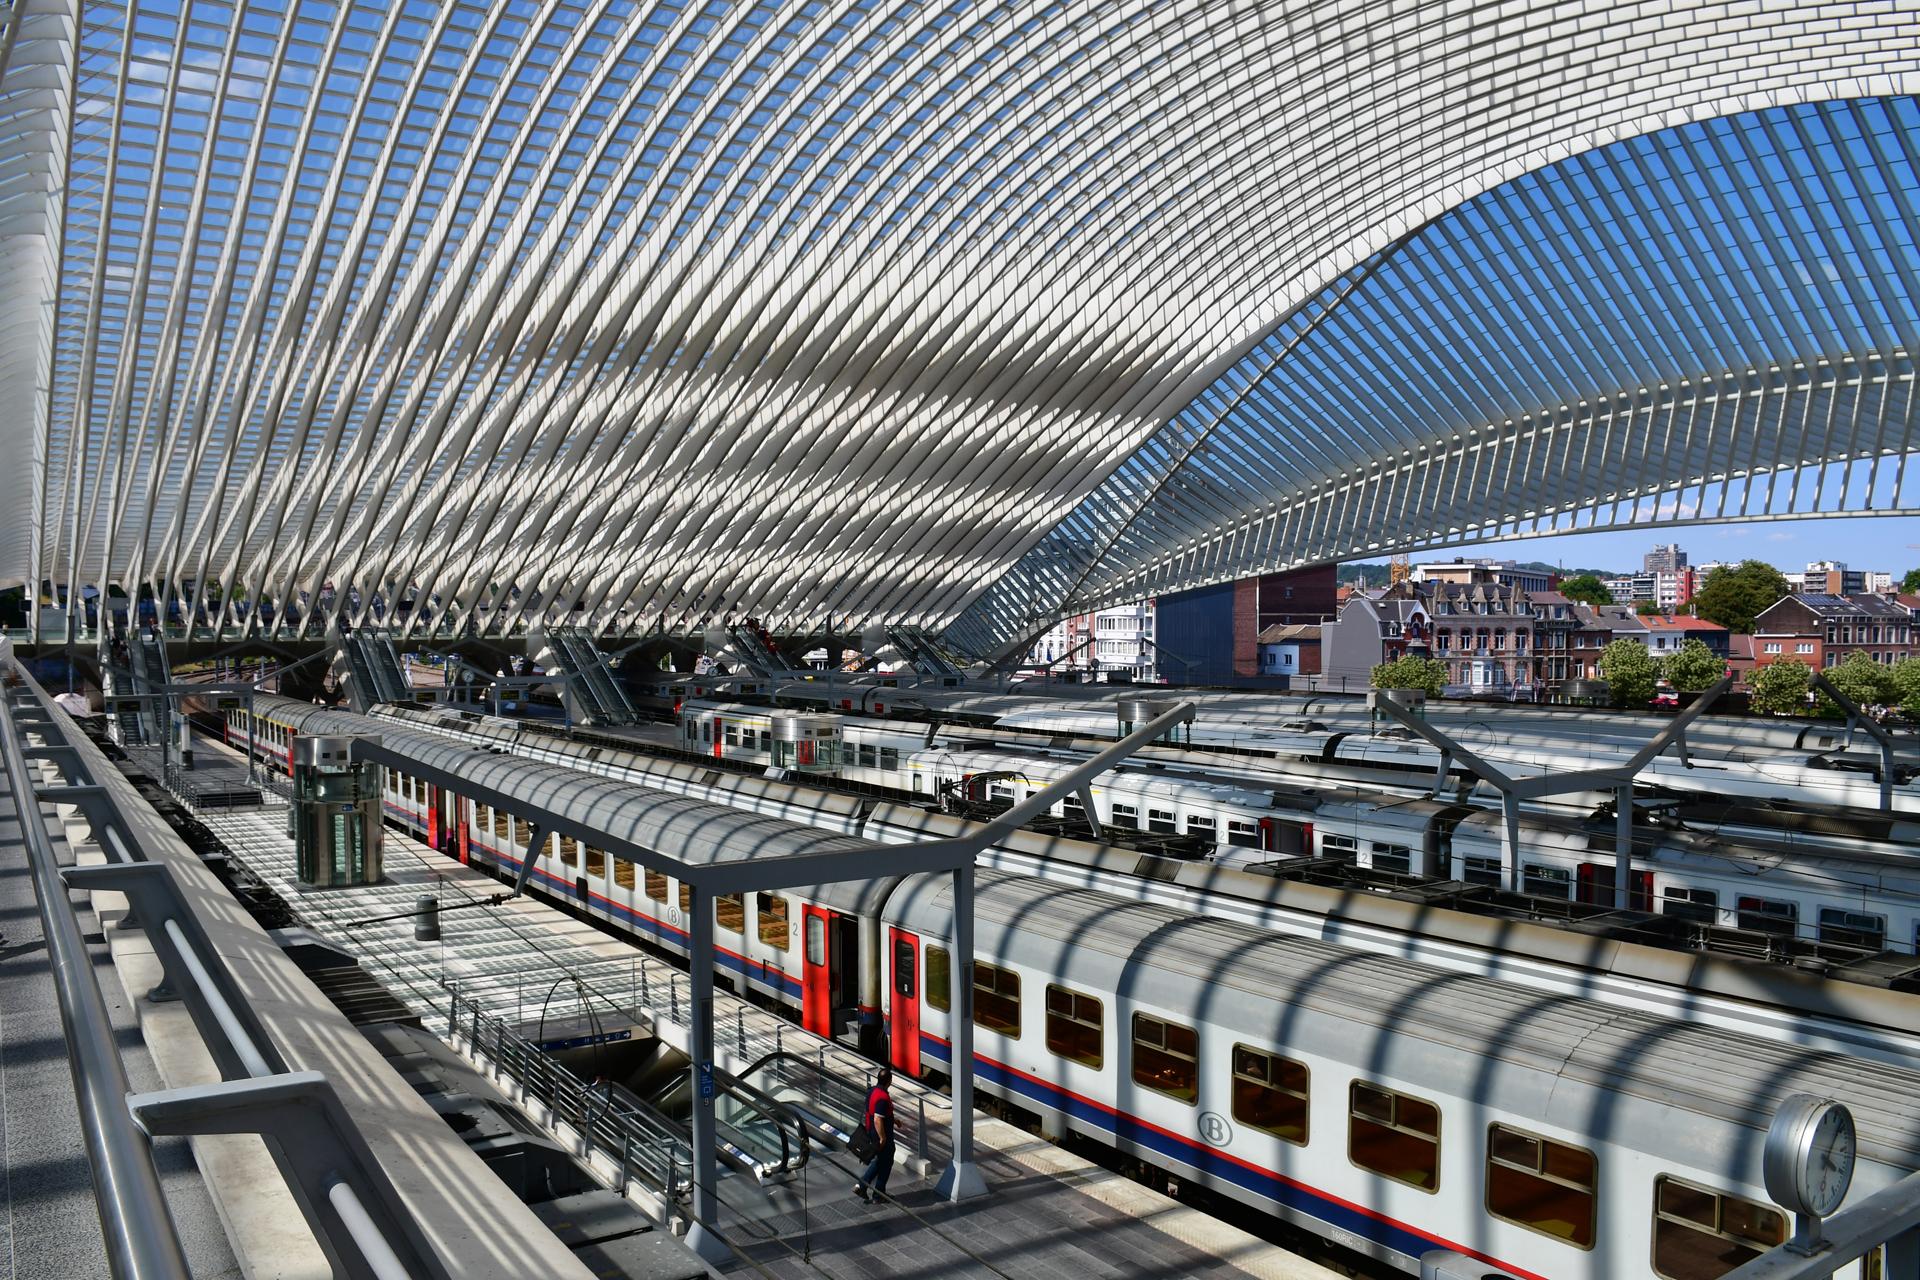 בלגיה לייז' - סנטיאגו קלטרווה -תחנת רכבת - יואל שתרוג - אדמה יוצרת - yoel sitruk